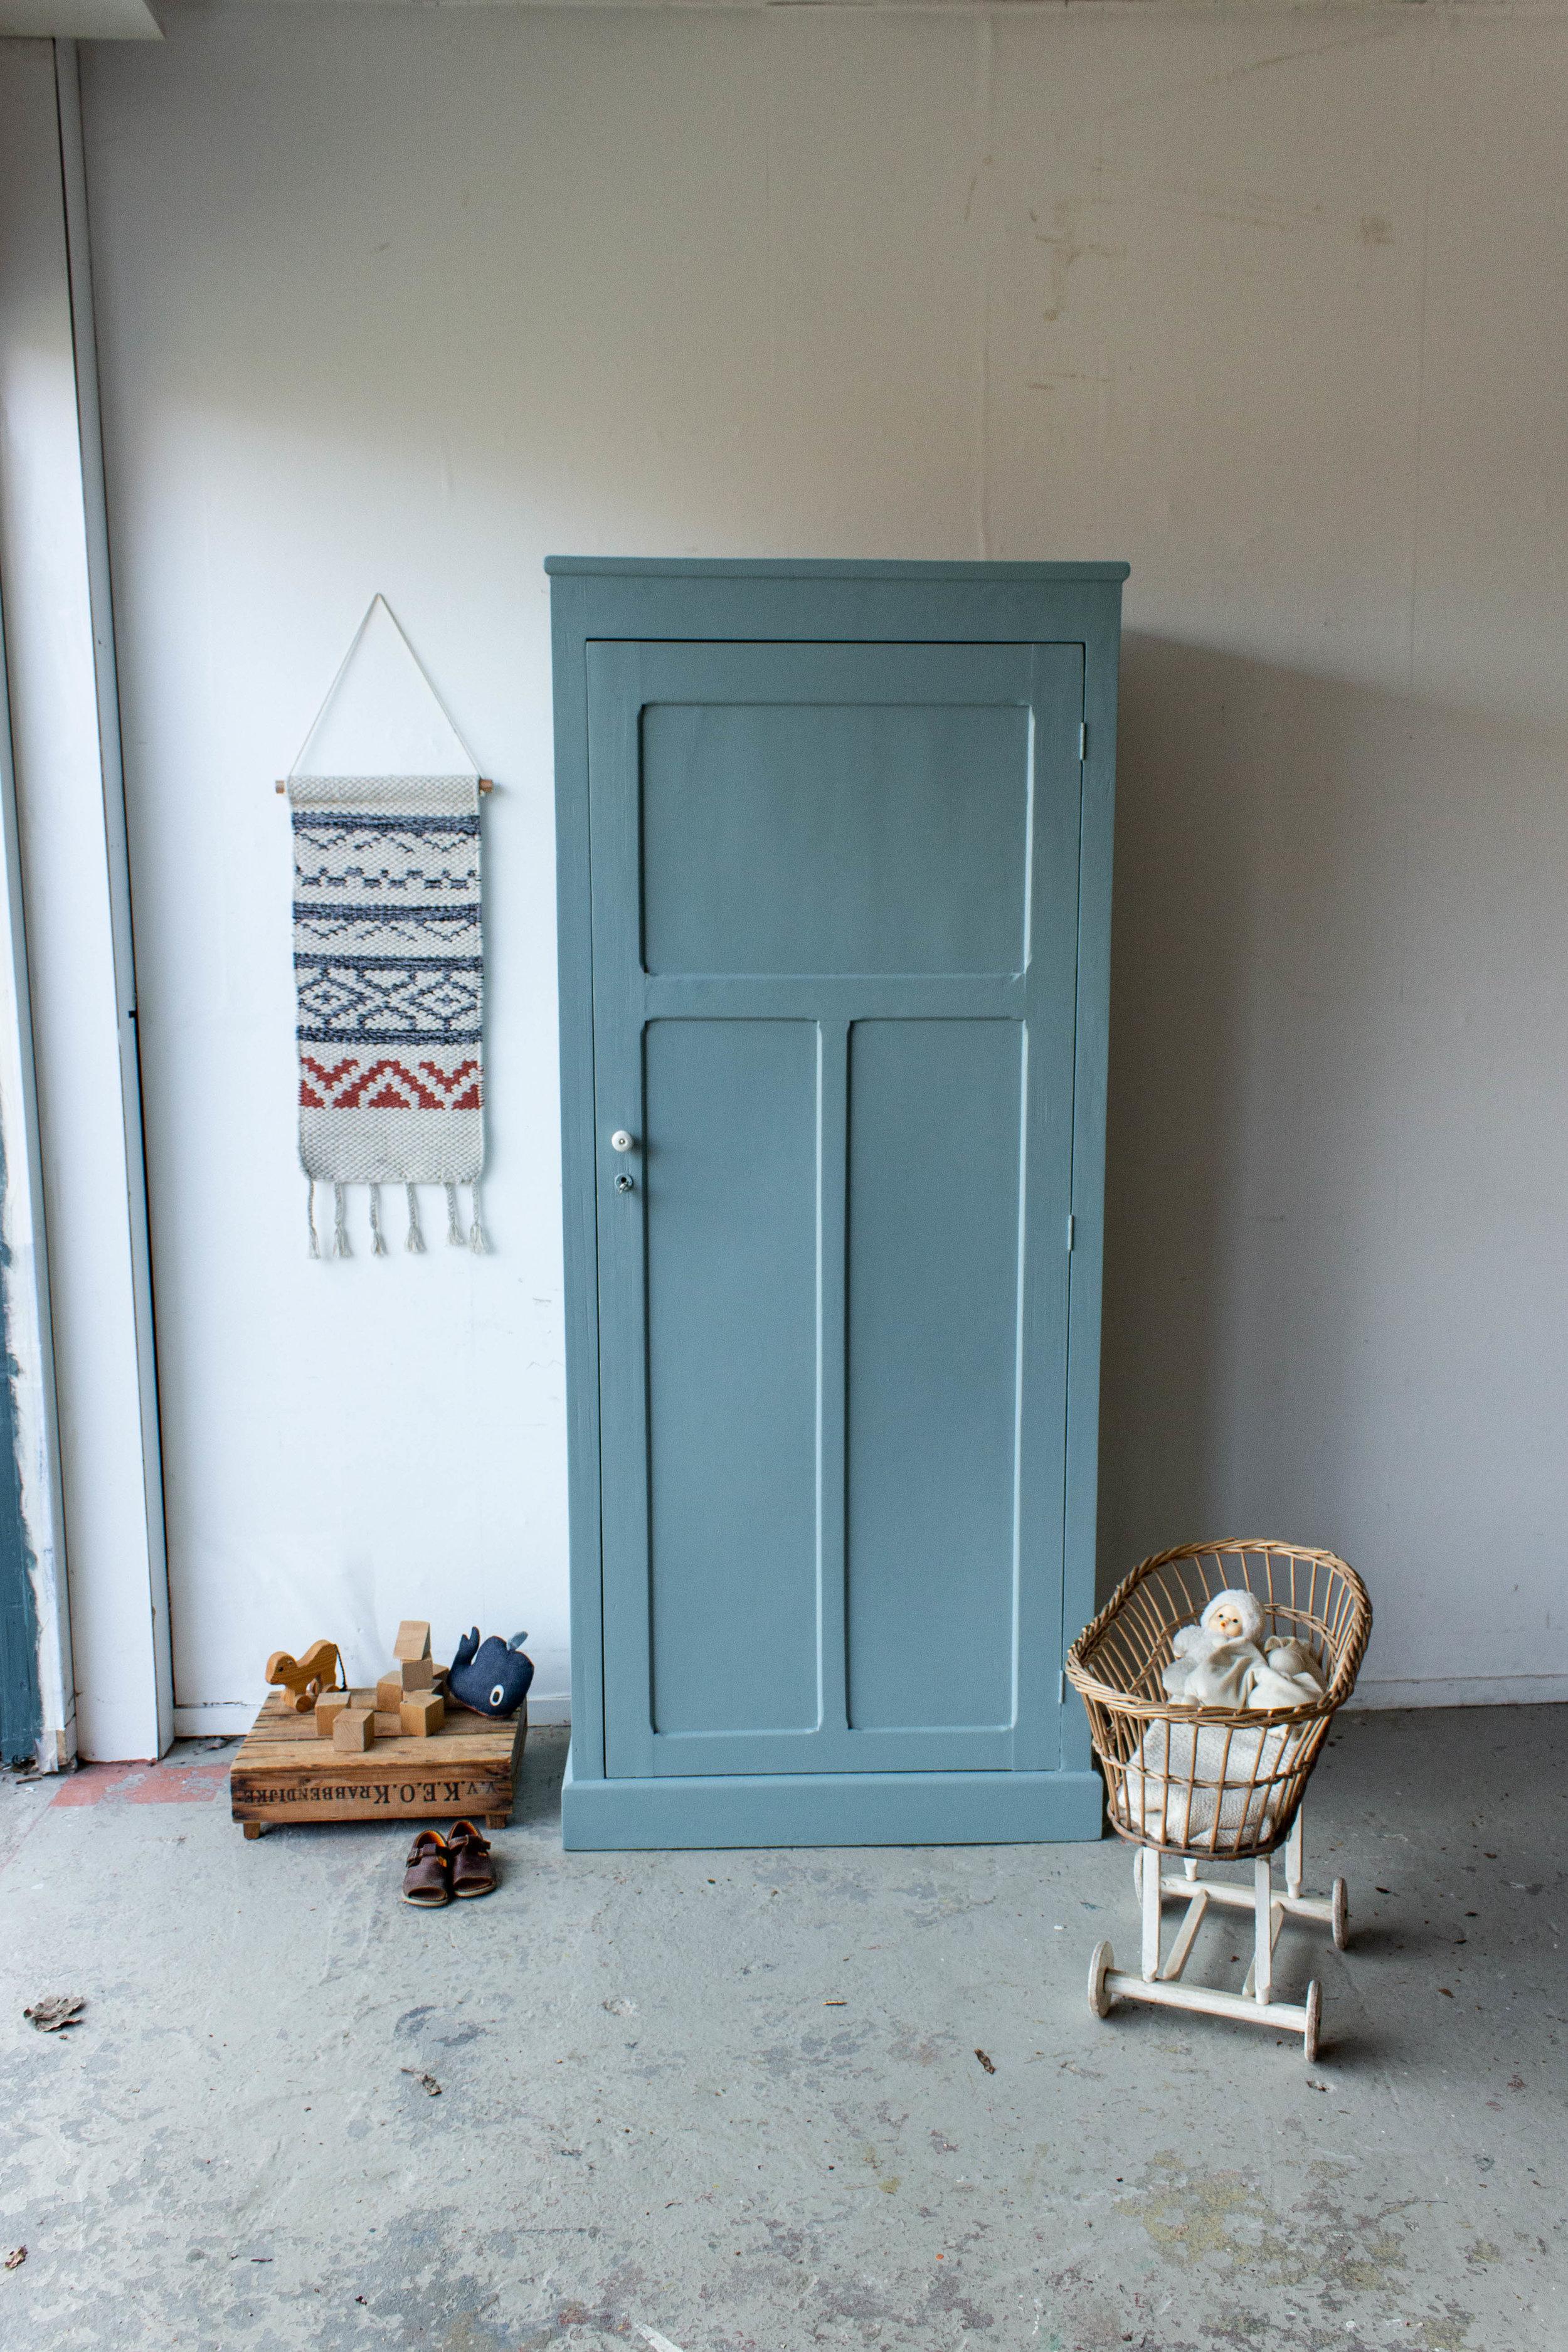 1443 - Grijsblauwe vintage kledingkast.jpg